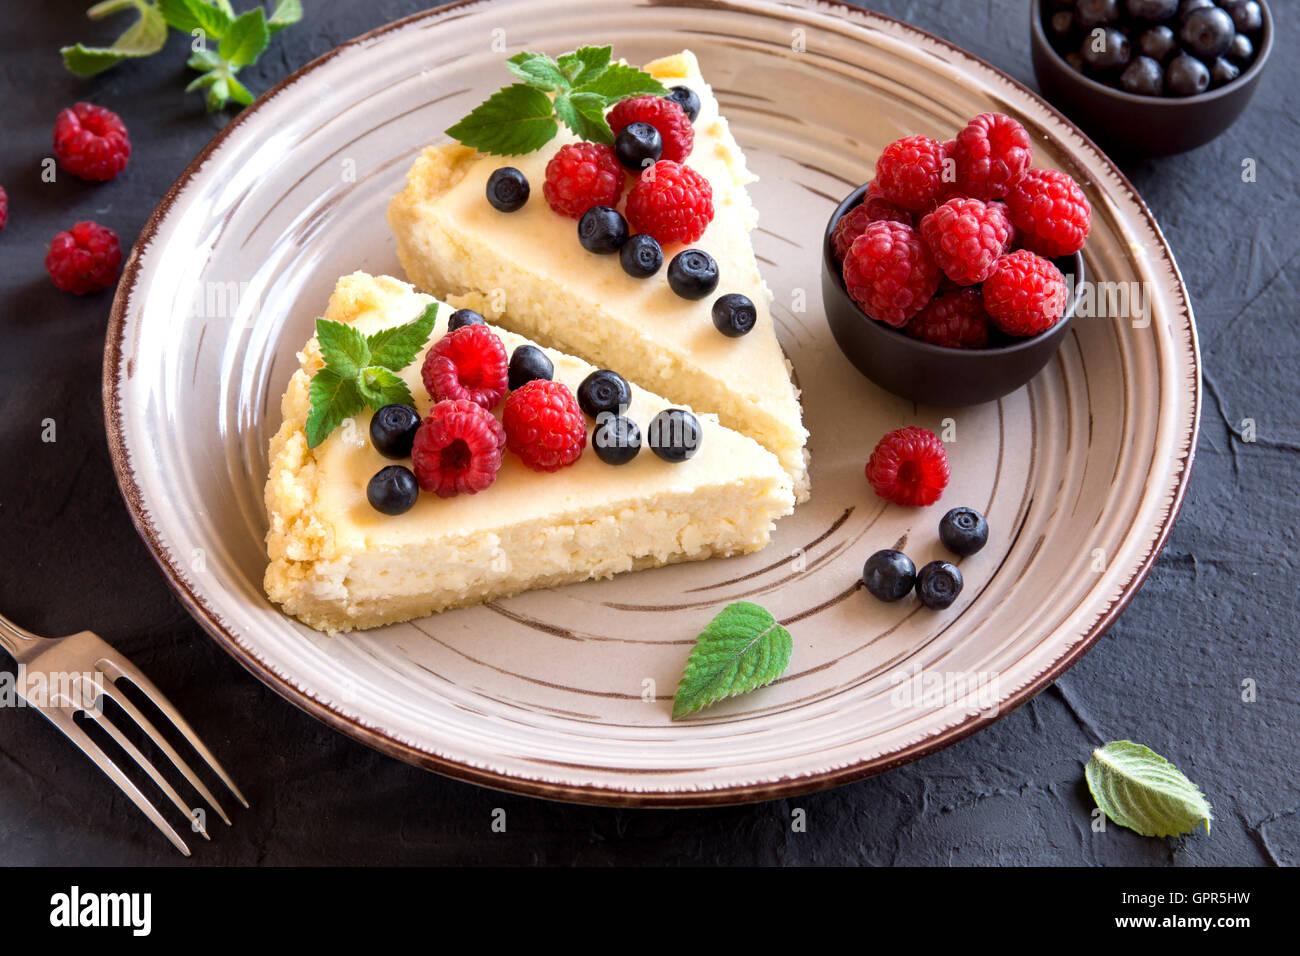 Hausgemachter Käsekuchen mit frischen Beeren und Minze zum Nachtisch Stockbild